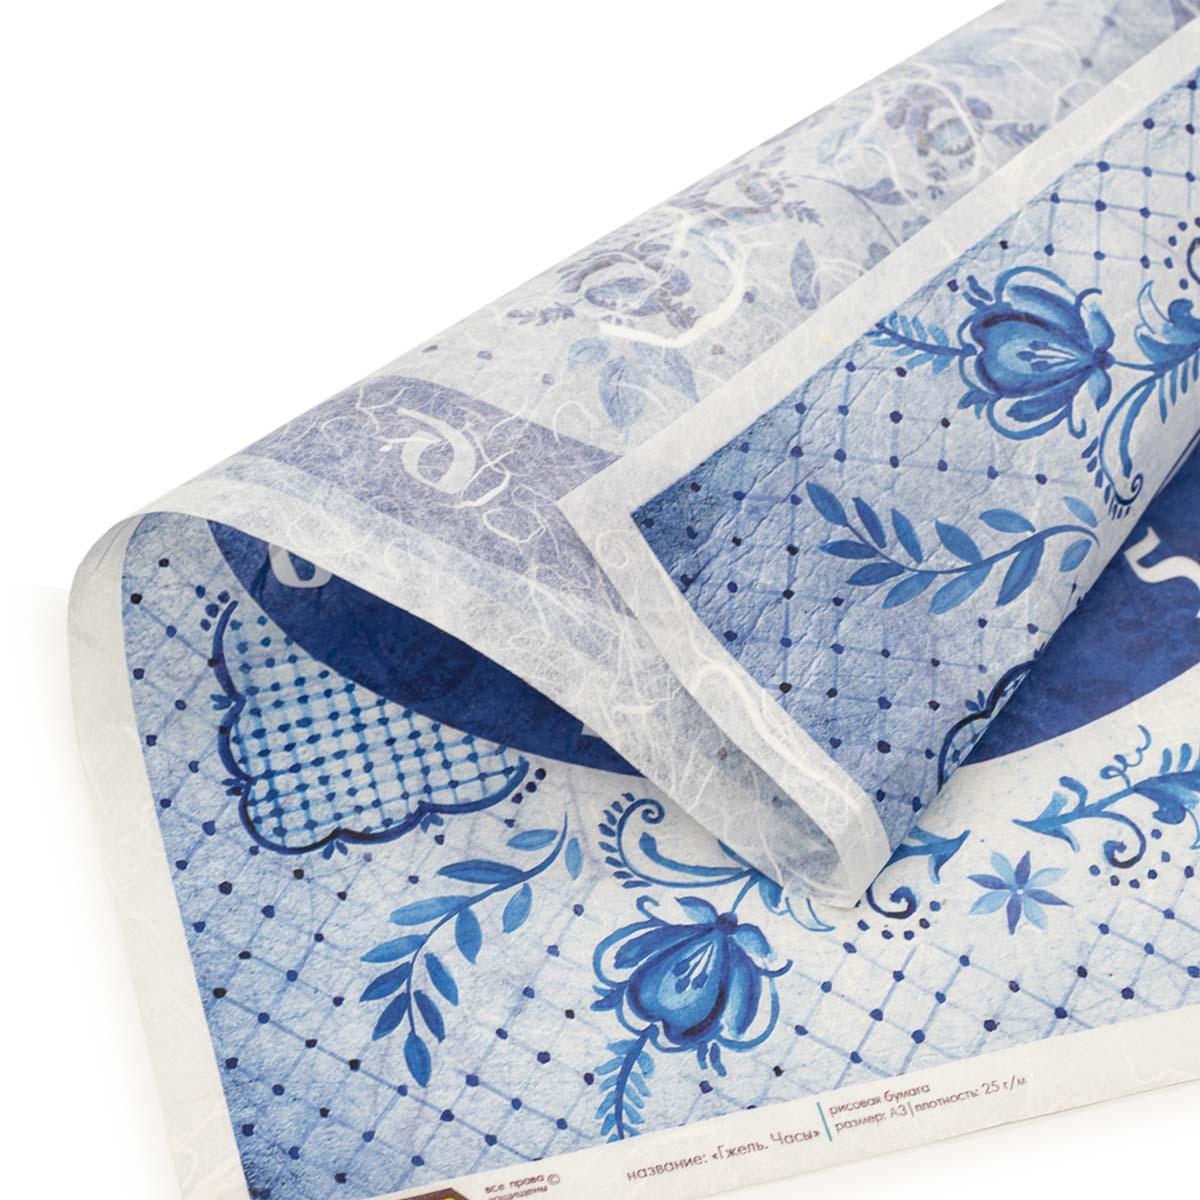 CP01872 Рисовая бумага для декупажа 'Craft Premier', 28,2х38,4см, 25г/м, 'Гжель часы'